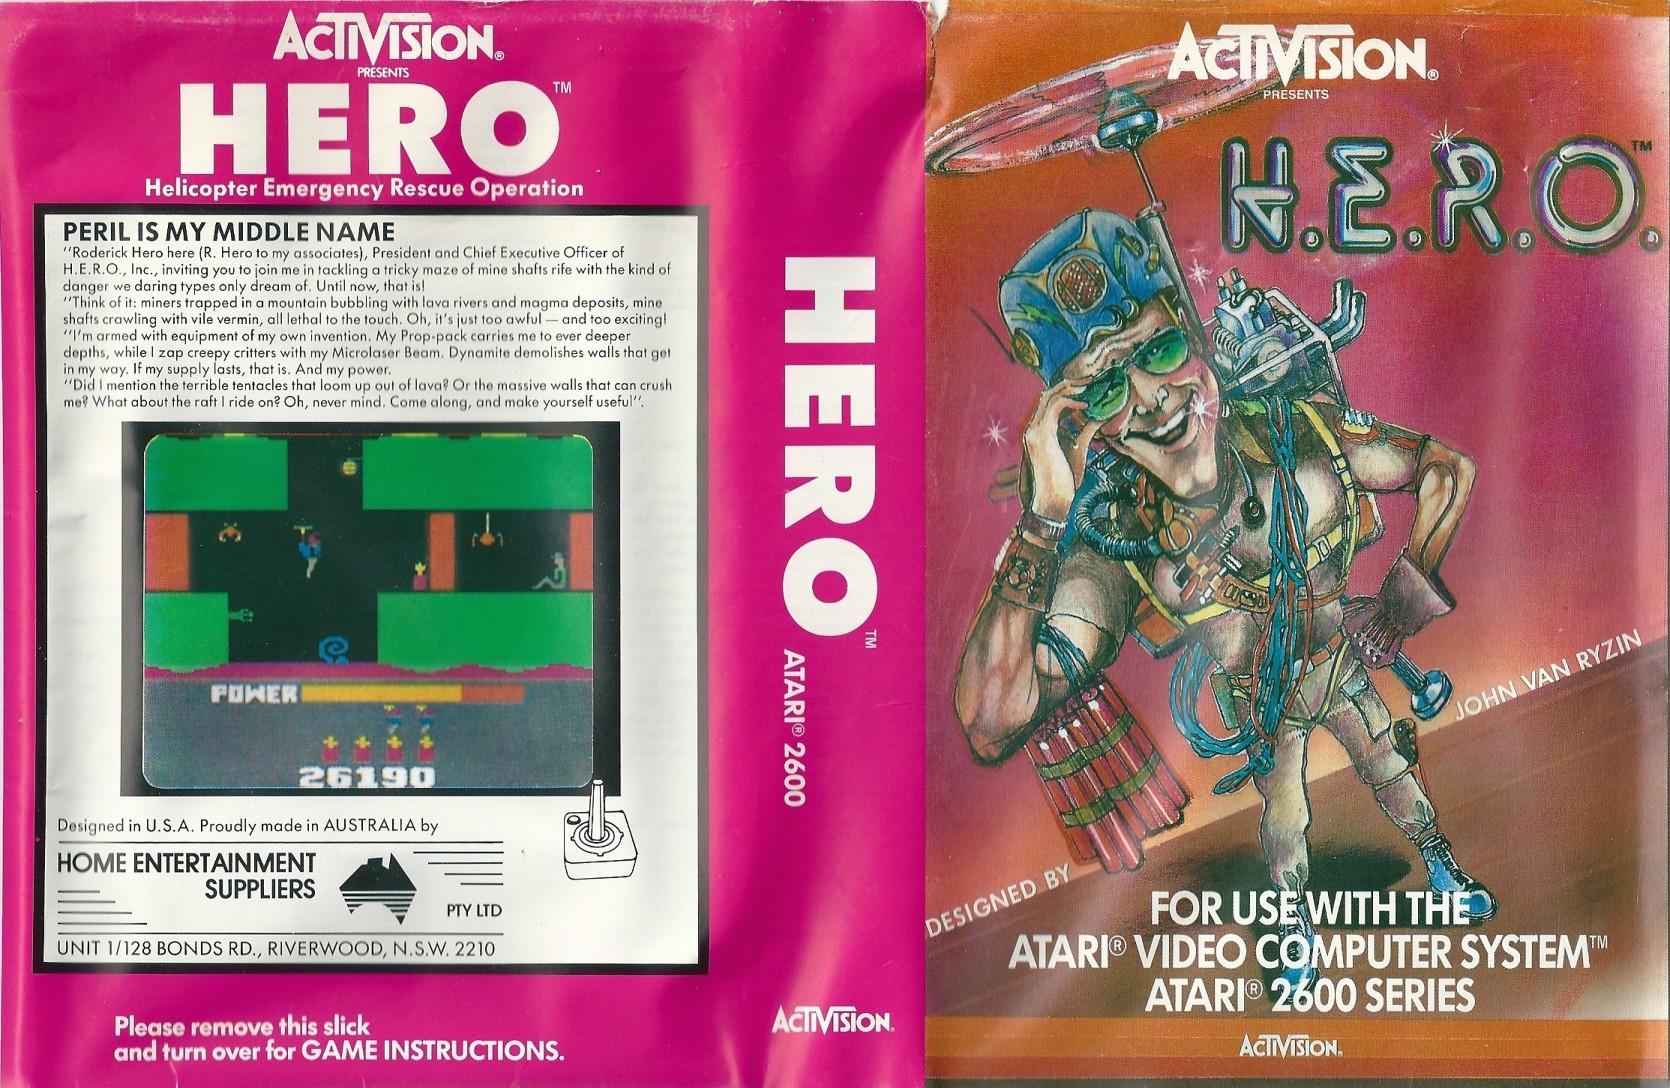 La cover di H.E.R.O in versione Atari 2600